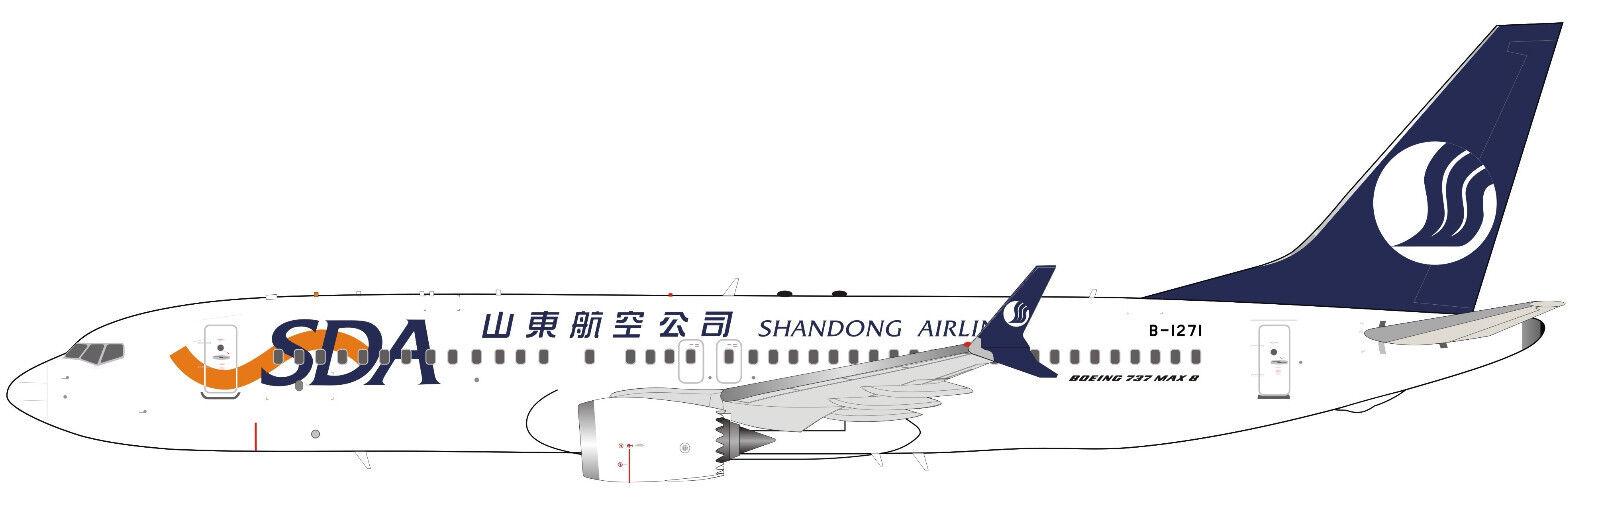 Inflight 200 If737maxsc01 If737maxsc01 If737maxsc01 1 200 Shangdong Airlines c48a75